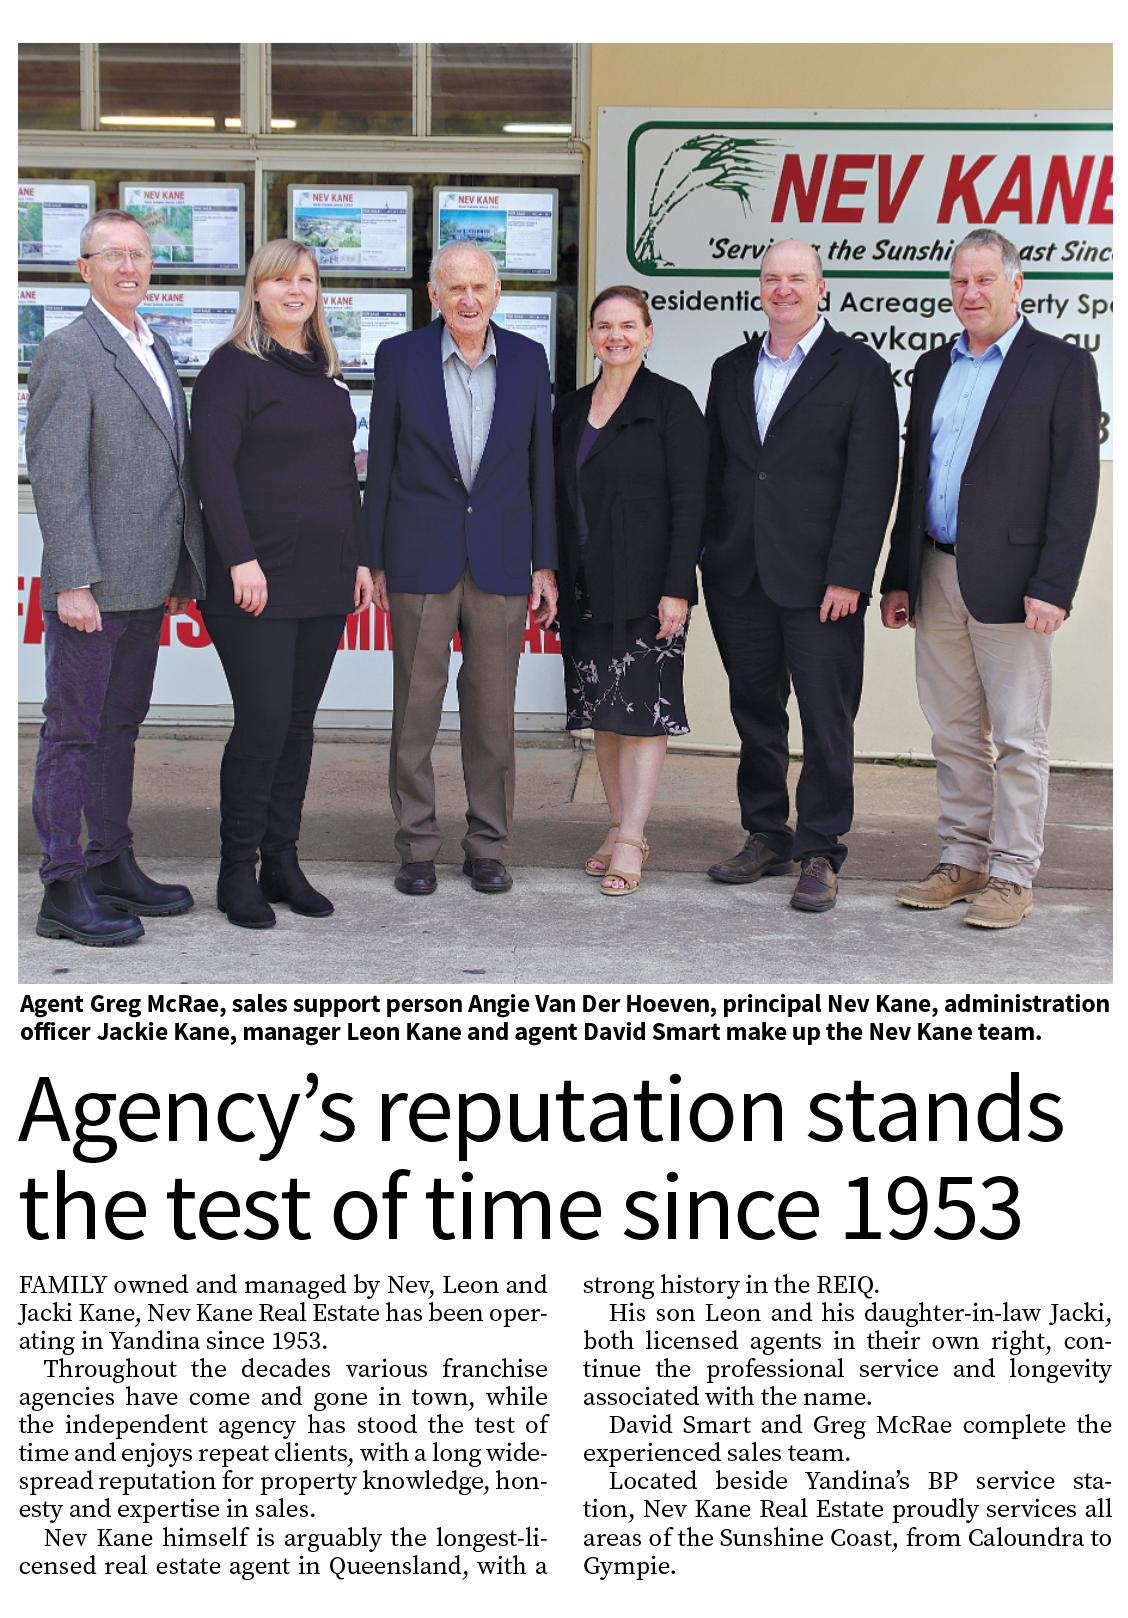 Article in 'Sunshine Valley Gazette'